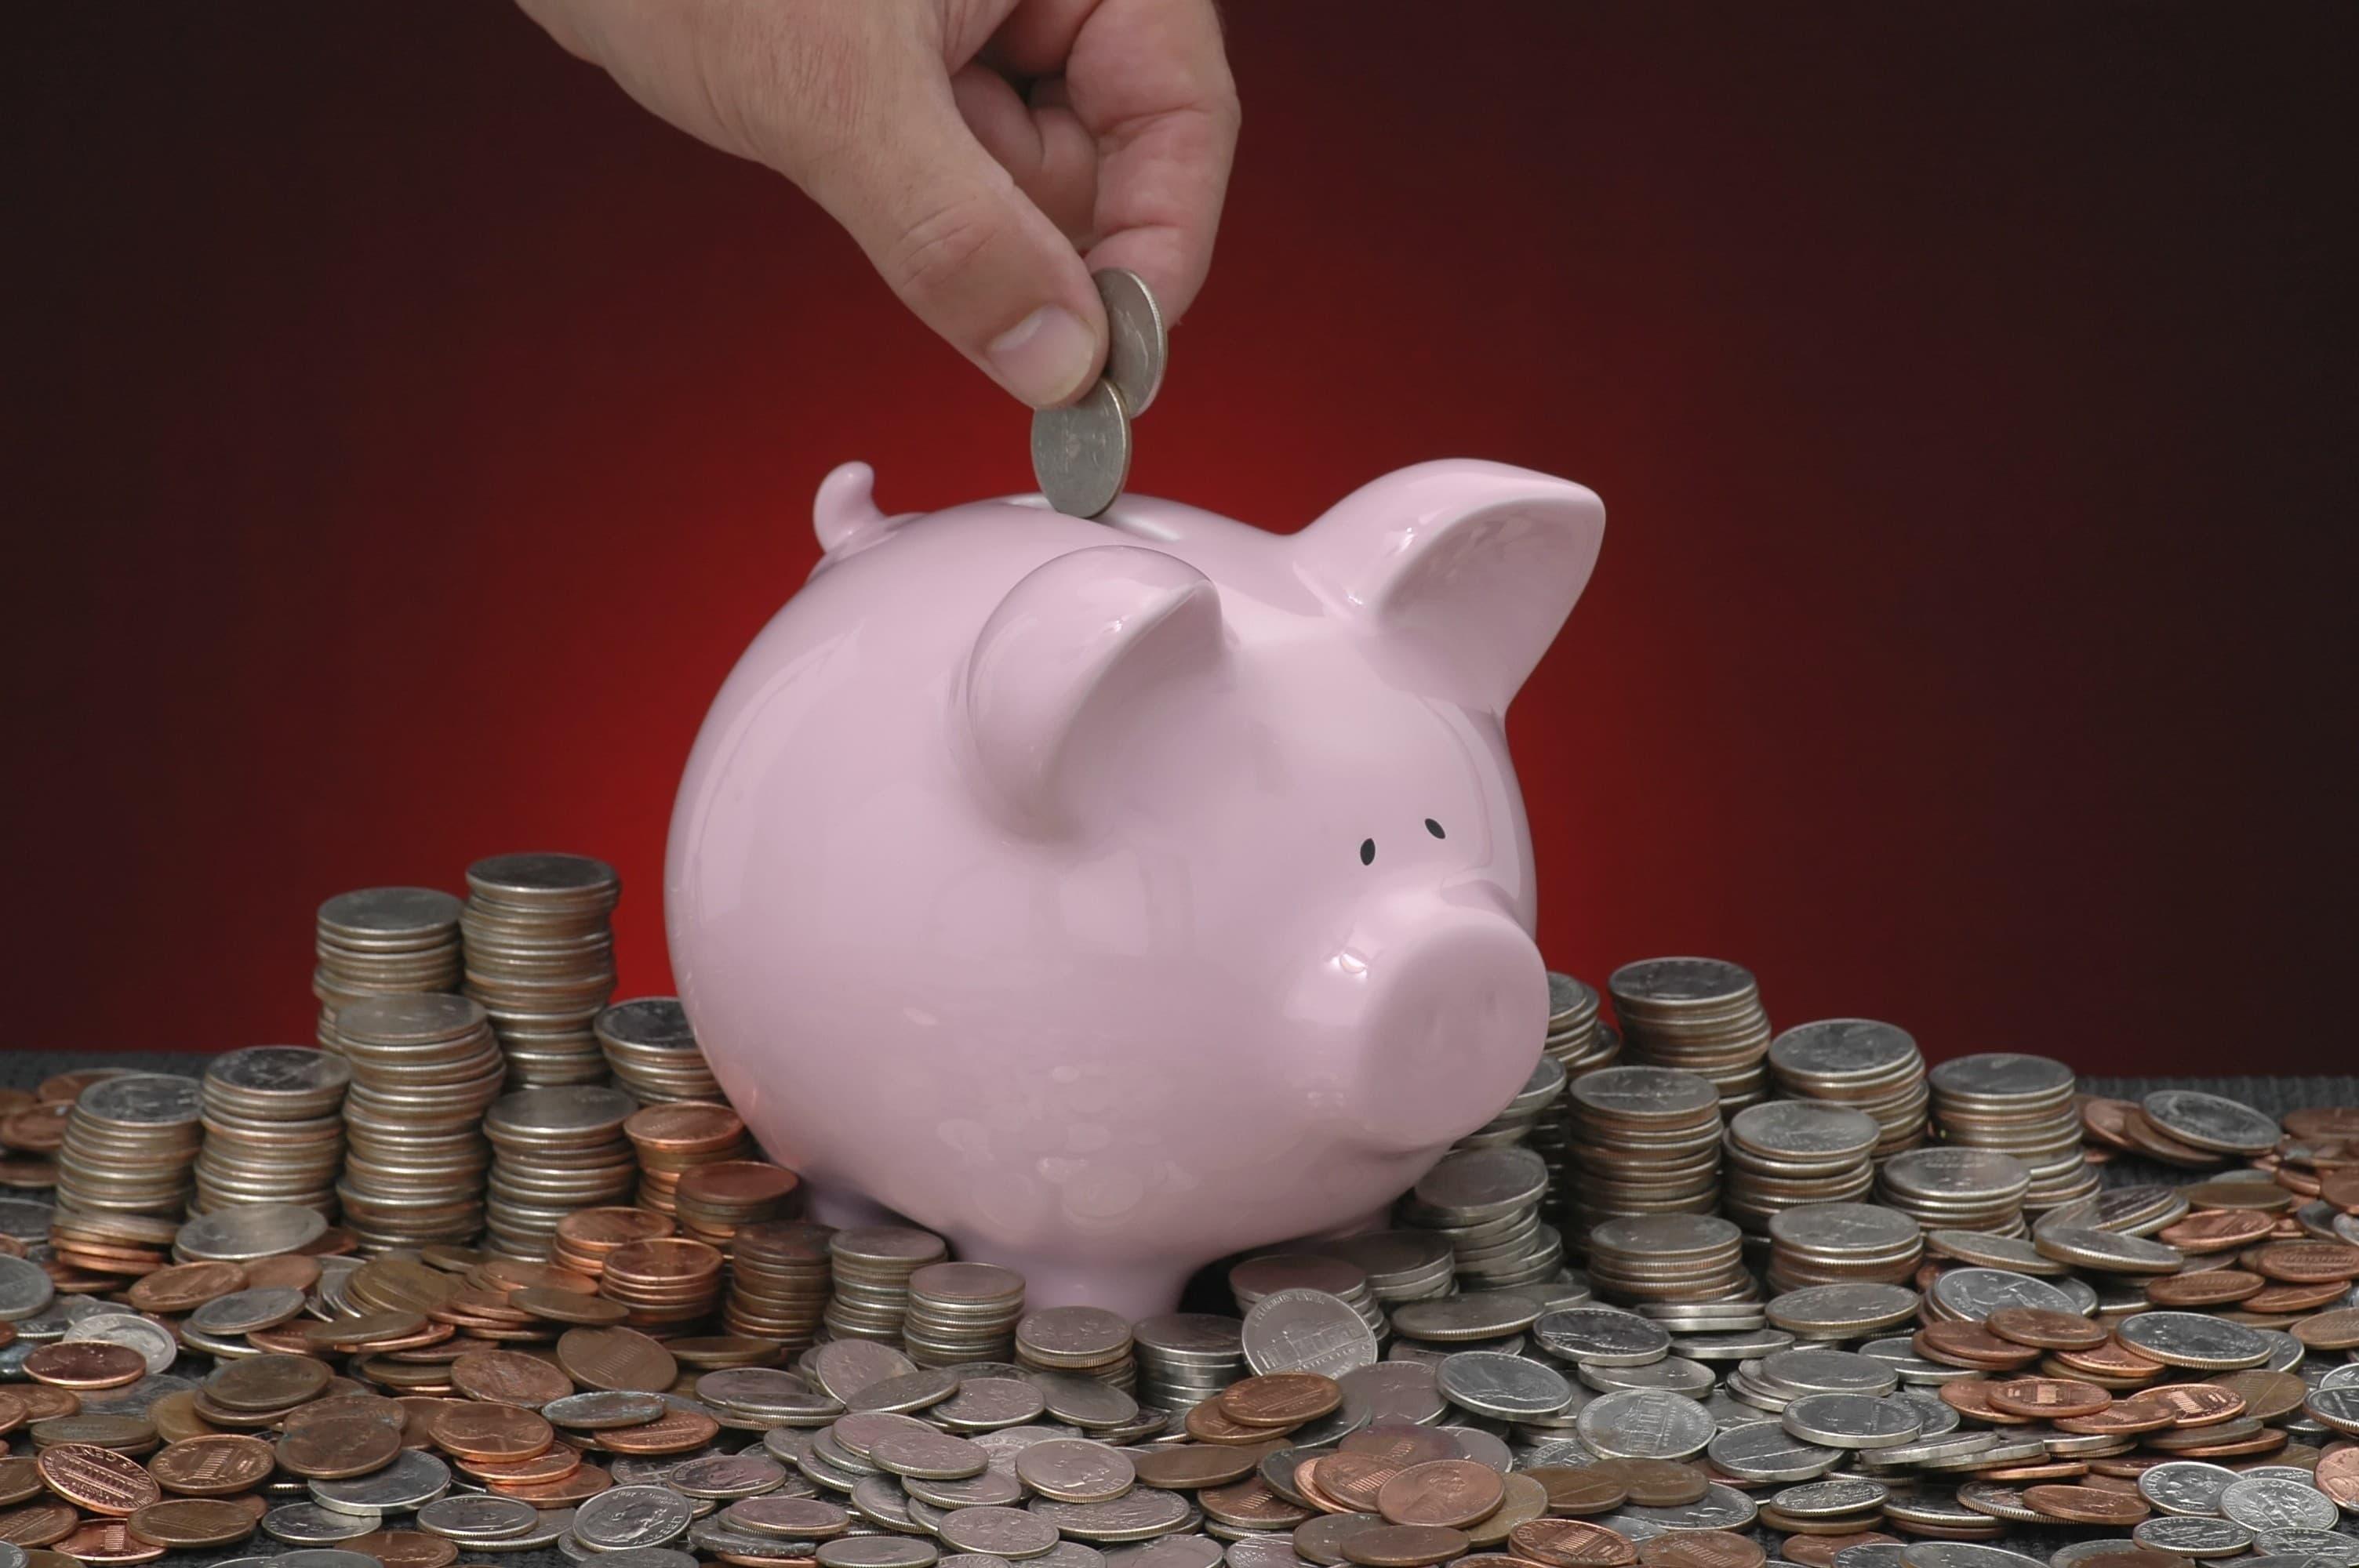 Нужно ли инвестору рассчитывать мультипликатор инвестиций